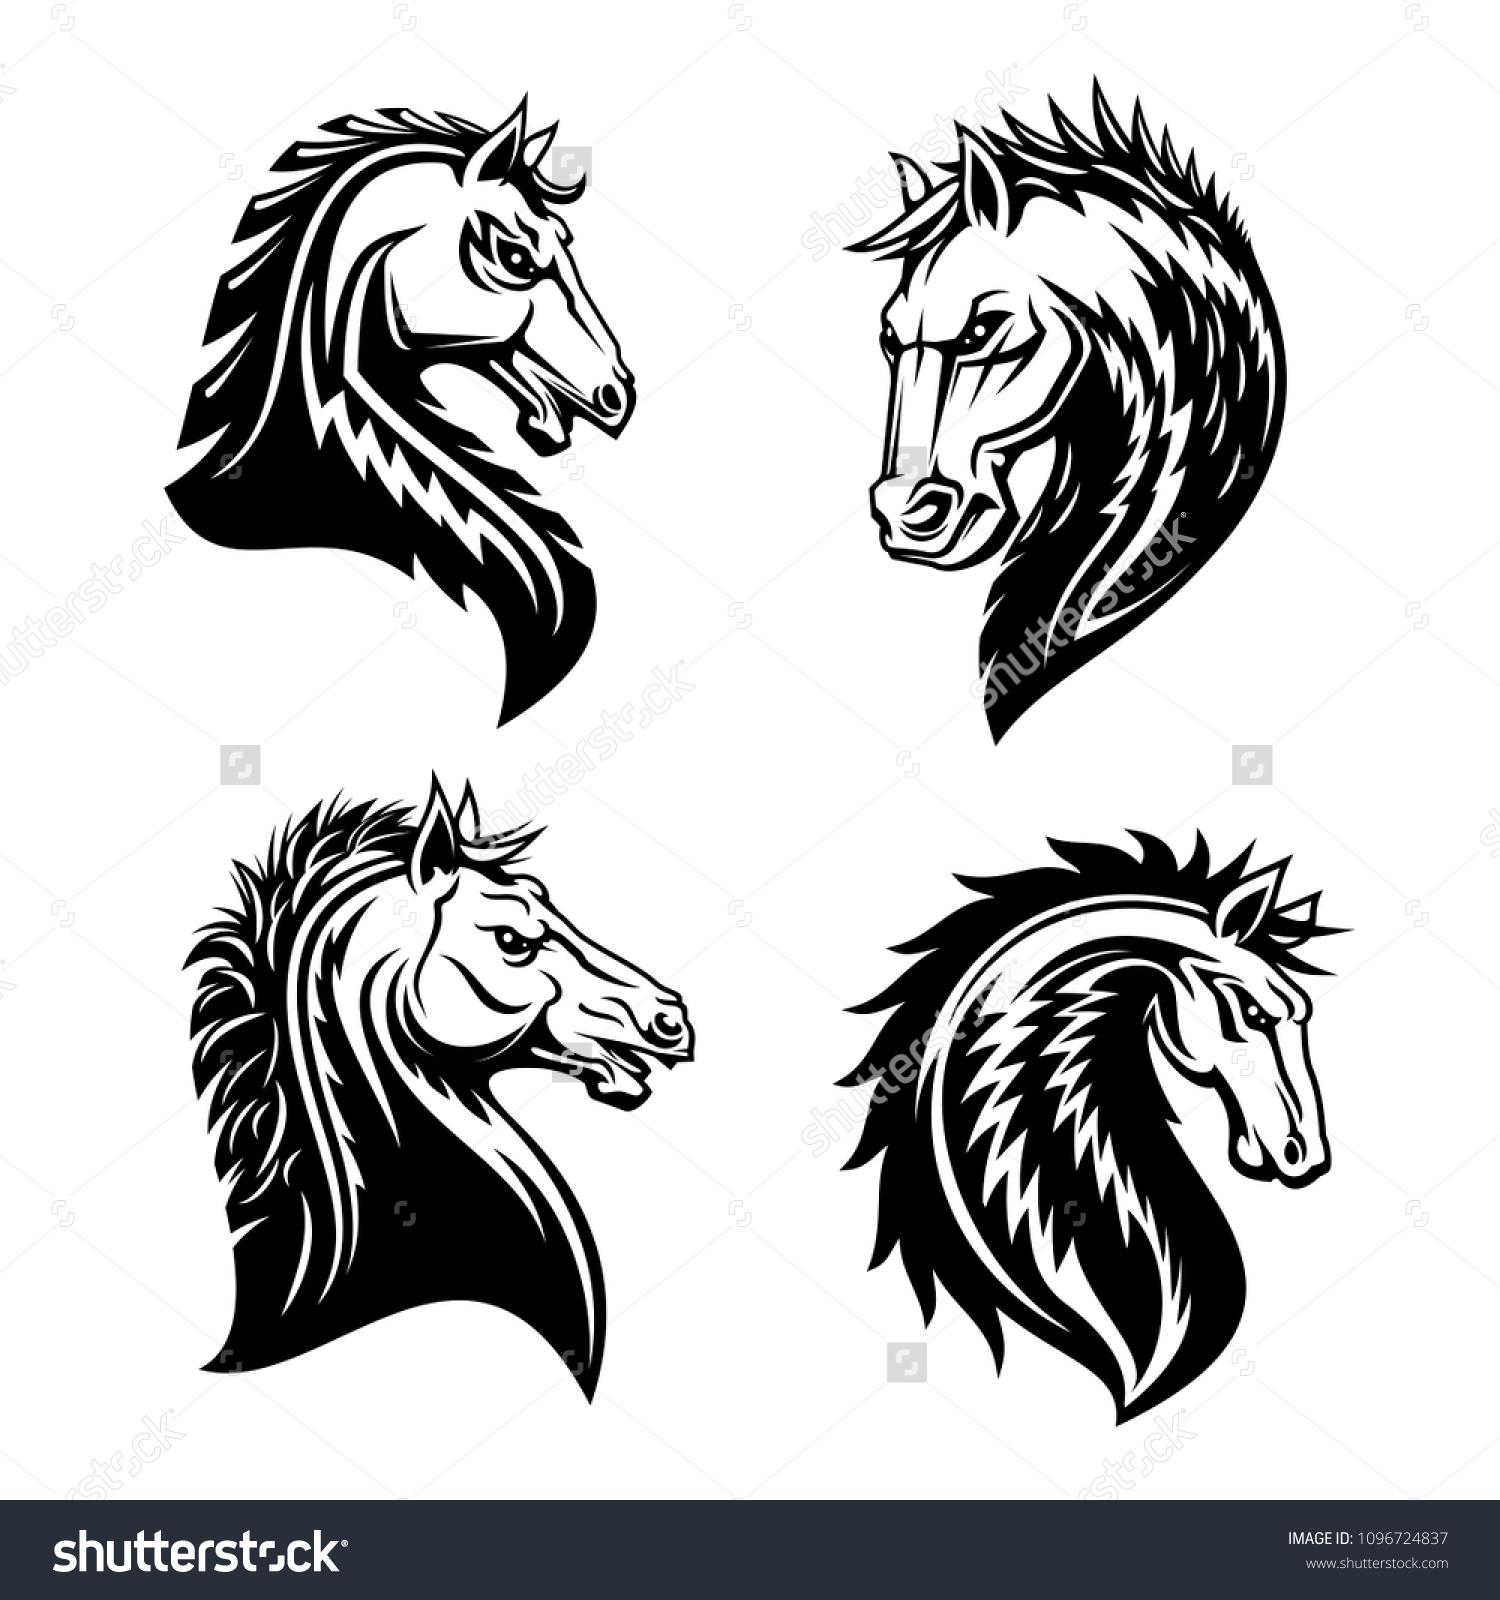 Vector De Stock Libre De Regalias Sobre Horse Head Vector Sign Horse Silhouette1096724837